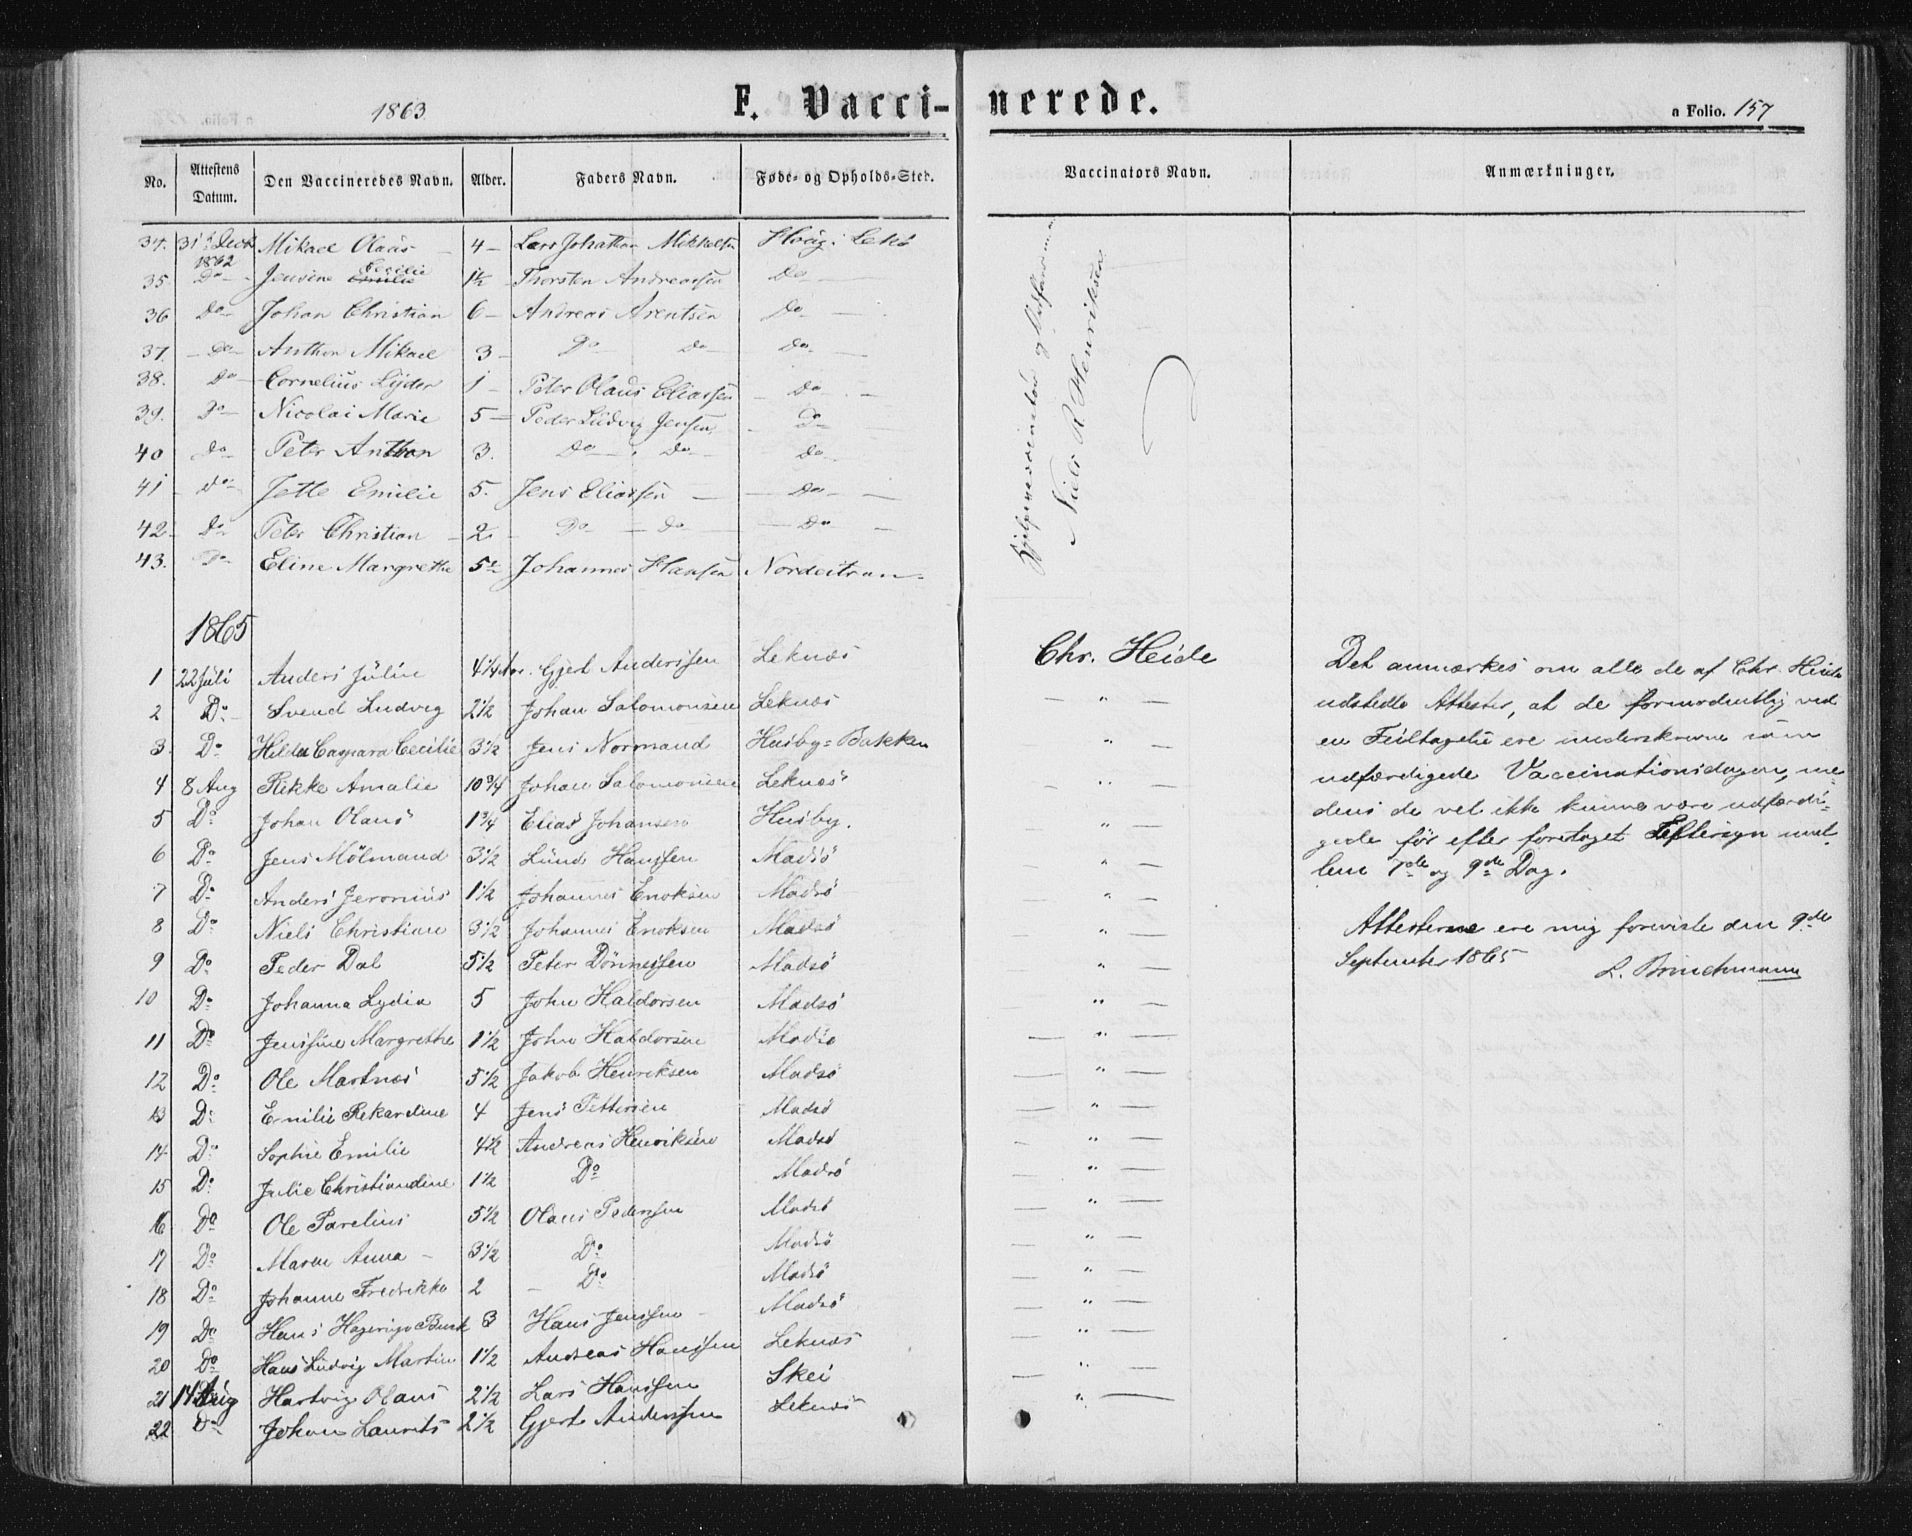 SAT, Ministerialprotokoller, klokkerbøker og fødselsregistre - Nord-Trøndelag, 788/L0696: Ministerialbok nr. 788A03, 1863-1877, s. 157